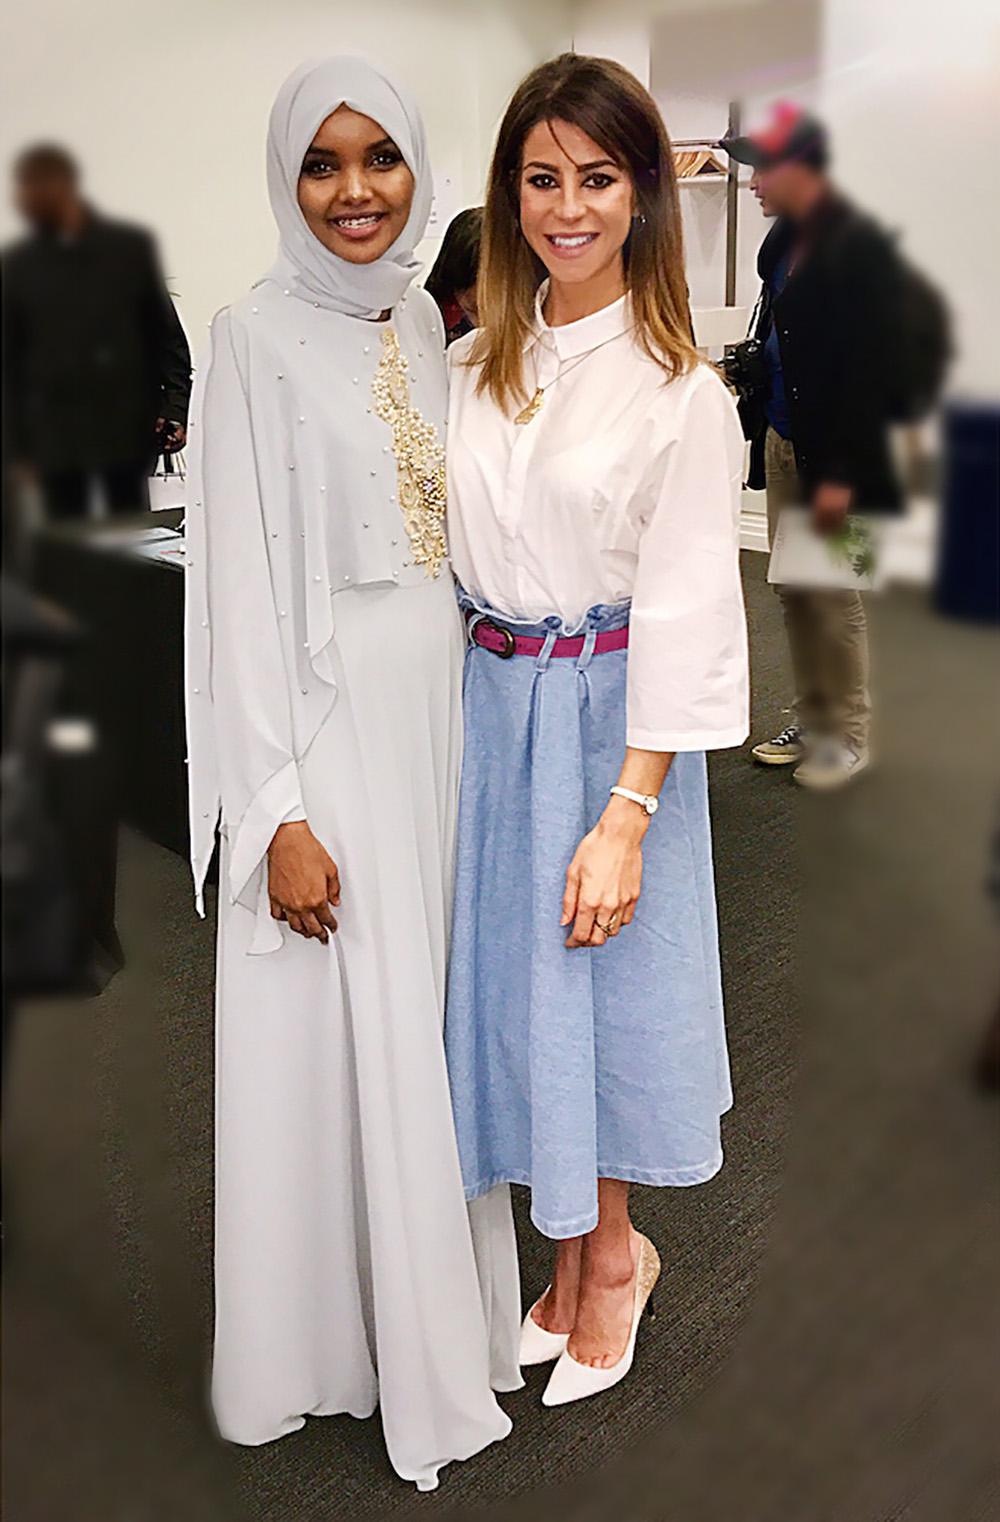 Model Halima Aden with UNDER-RAPT Founder Yasmin Sobeih.